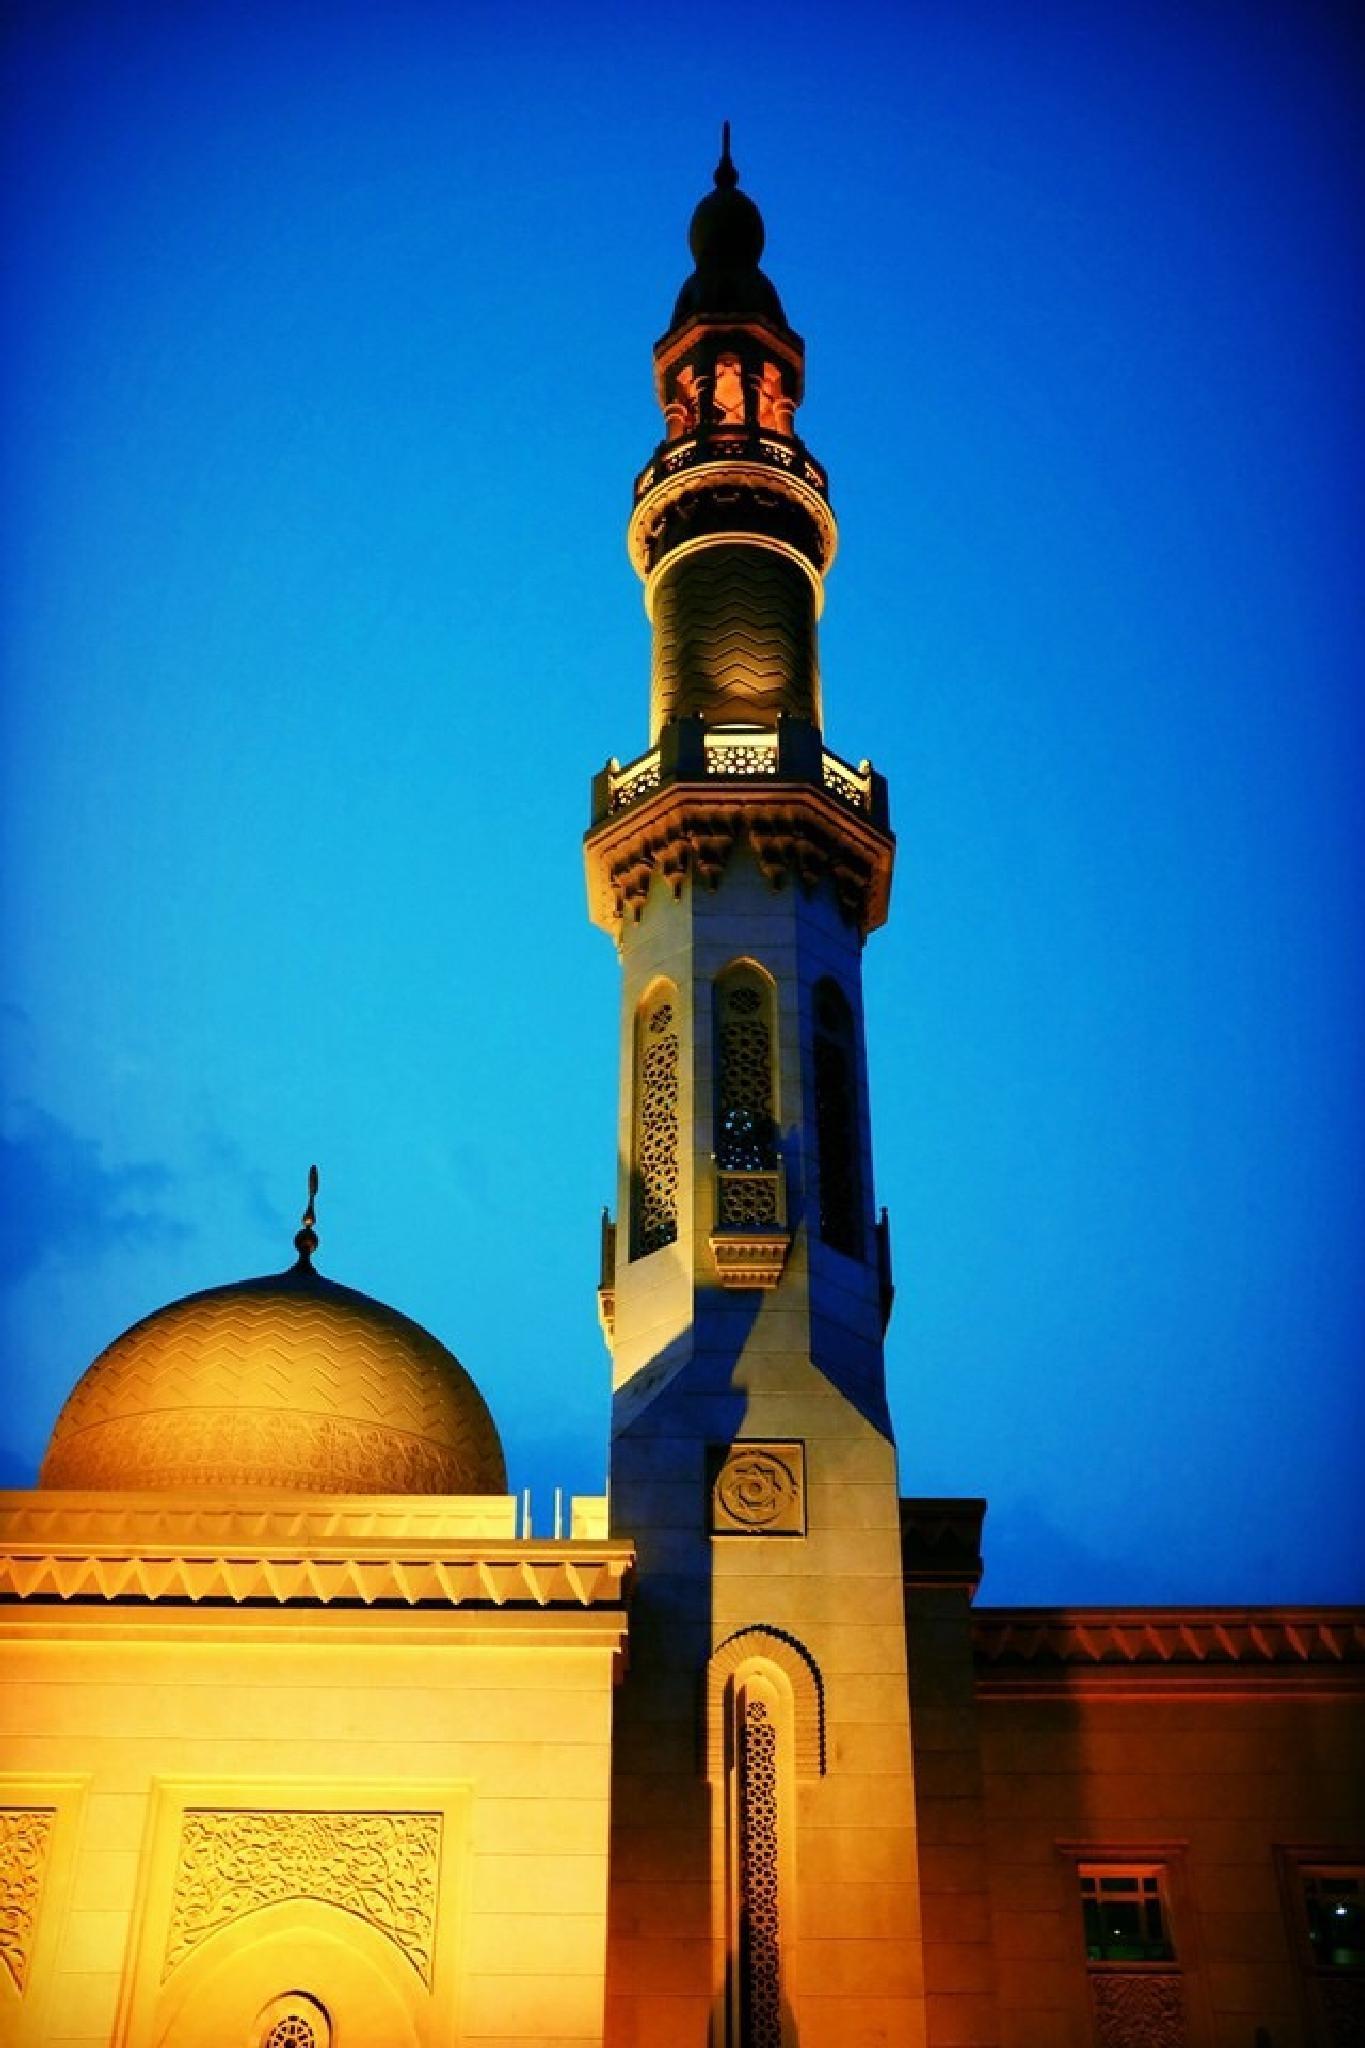 The Minaret by Ritesh Ghosh